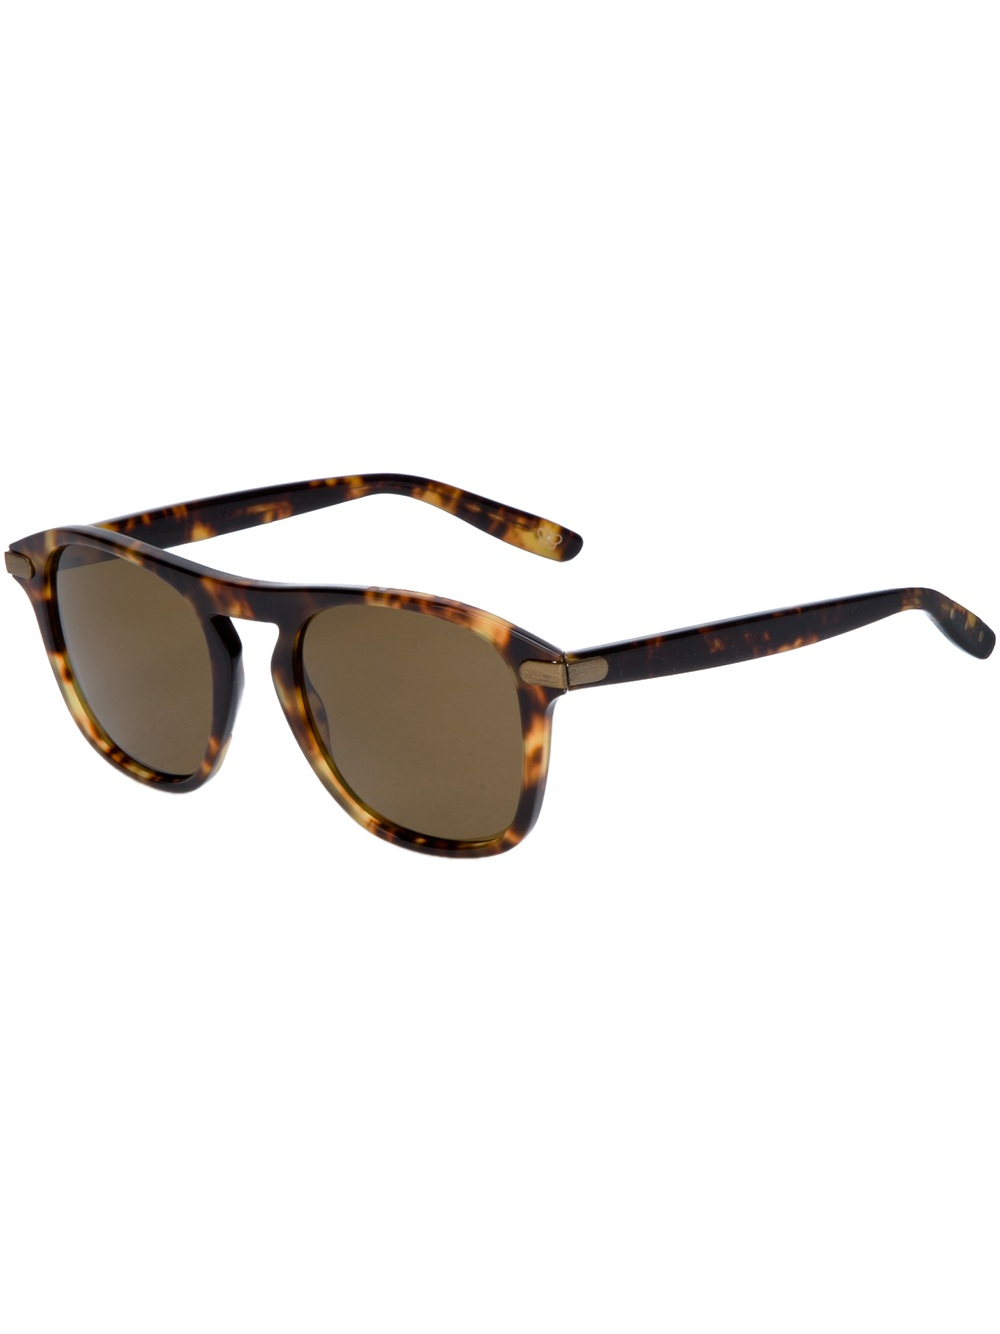 round tortoiseshell sunglasses - Brown Bottega Veneta HYeJMcmBb